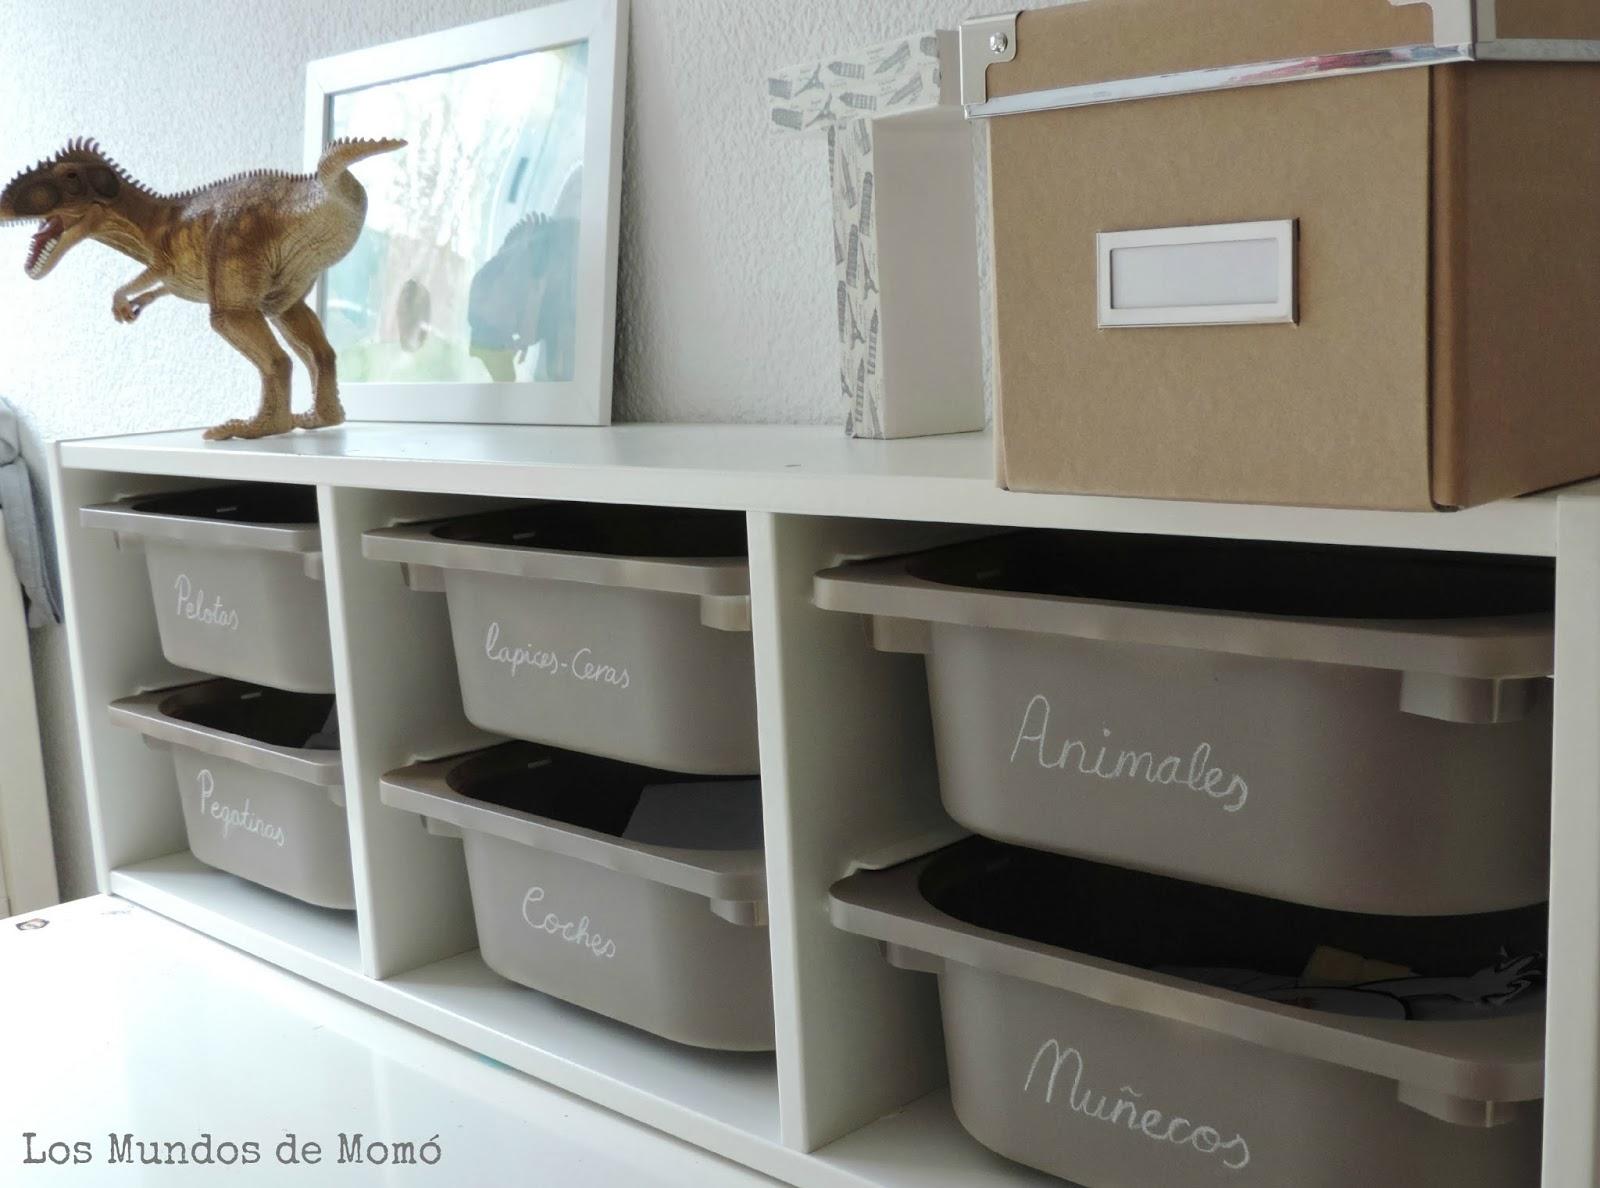 Personaliza Tus Muebles De Ikea Handbox Craft Lovers Comunidad  # Muebles Juguetes Ikea